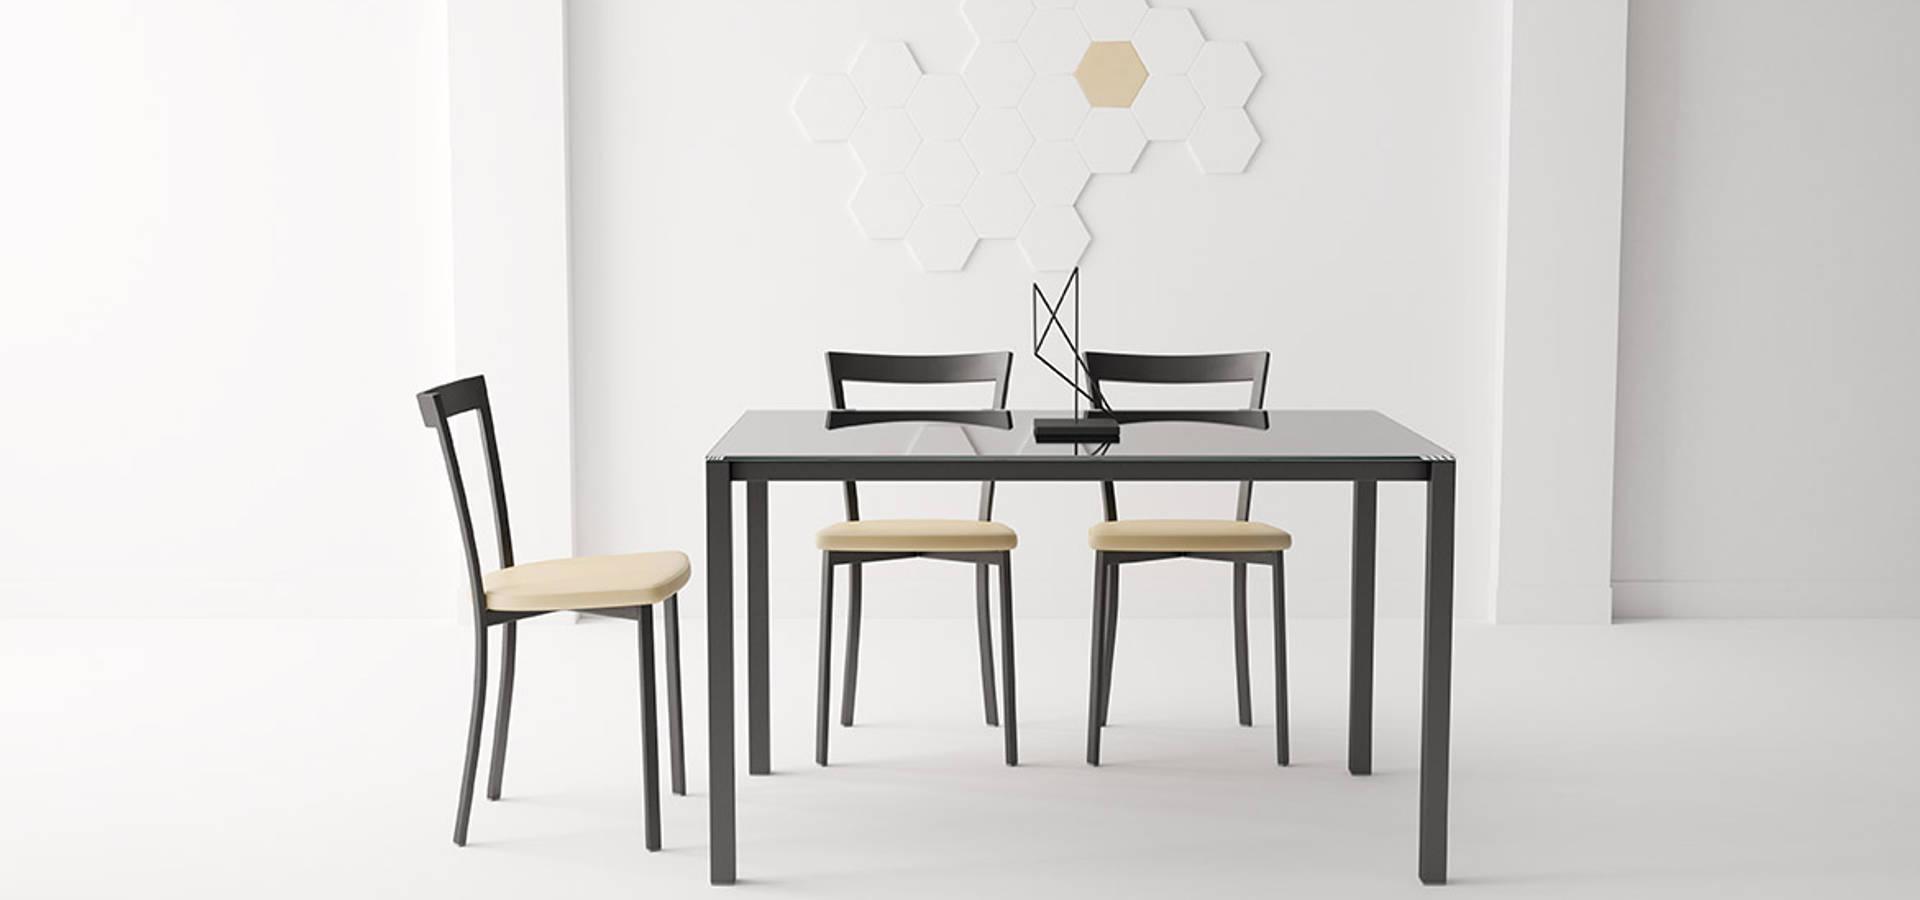 neu prak tisch vulcano klappbares wandregal klappbarer wand tisch als ess schreib bar. Black Bedroom Furniture Sets. Home Design Ideas